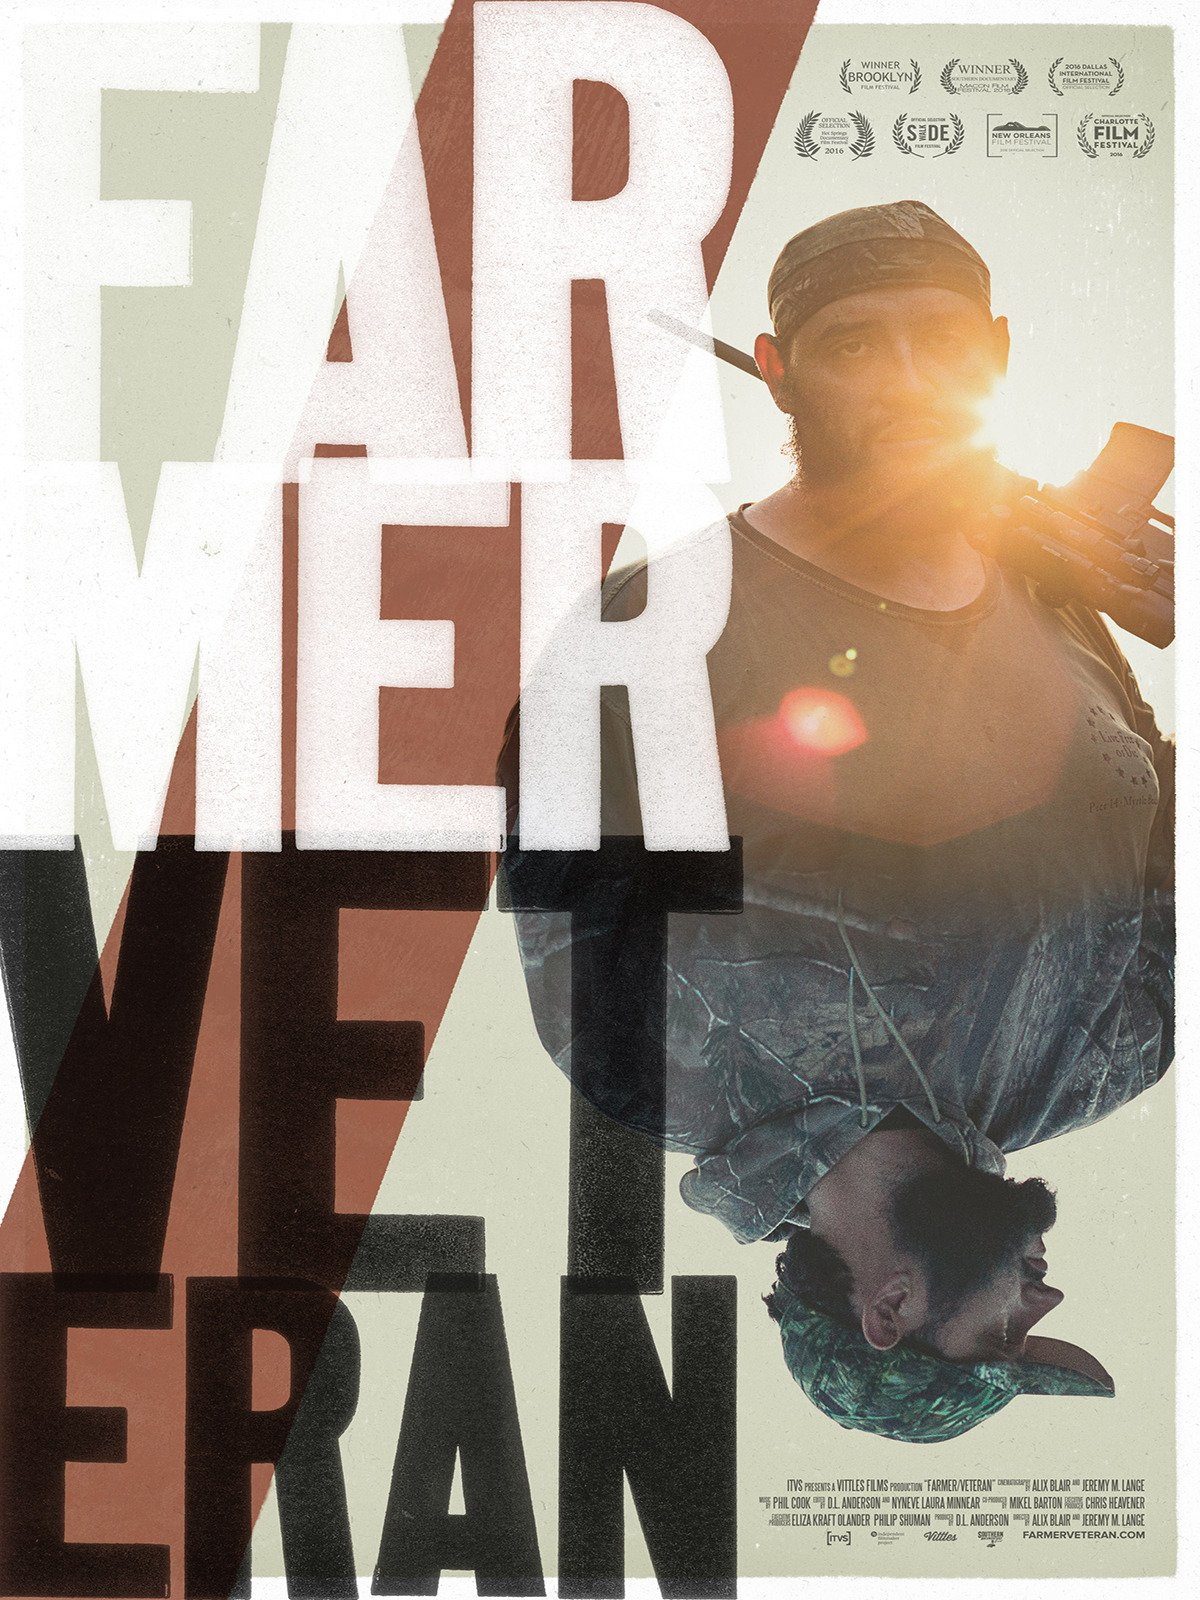 Farmer/Veteran